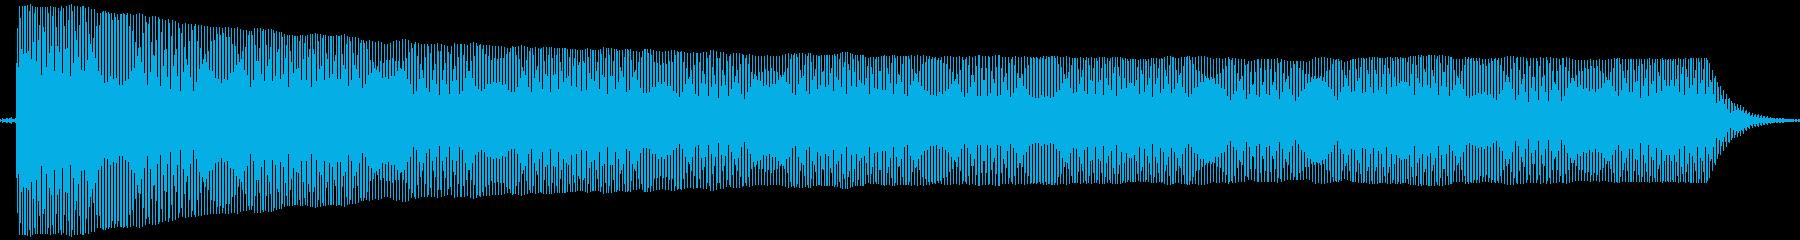 プヨヨ。言葉を伏せる音(高・短)の再生済みの波形